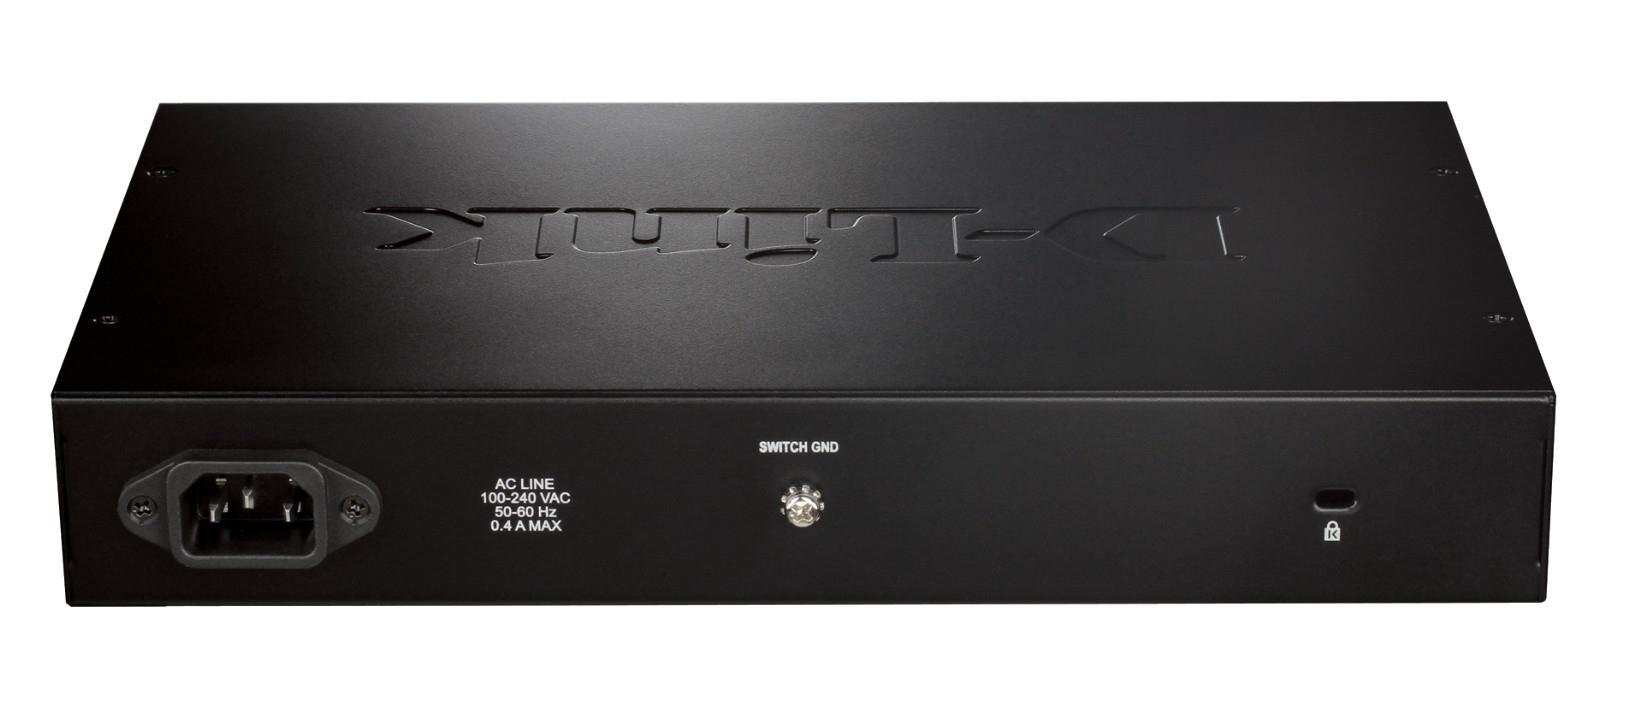 DGS-1016D/E Switch (16 poorten 10/100/1000 Mbps, desktop)